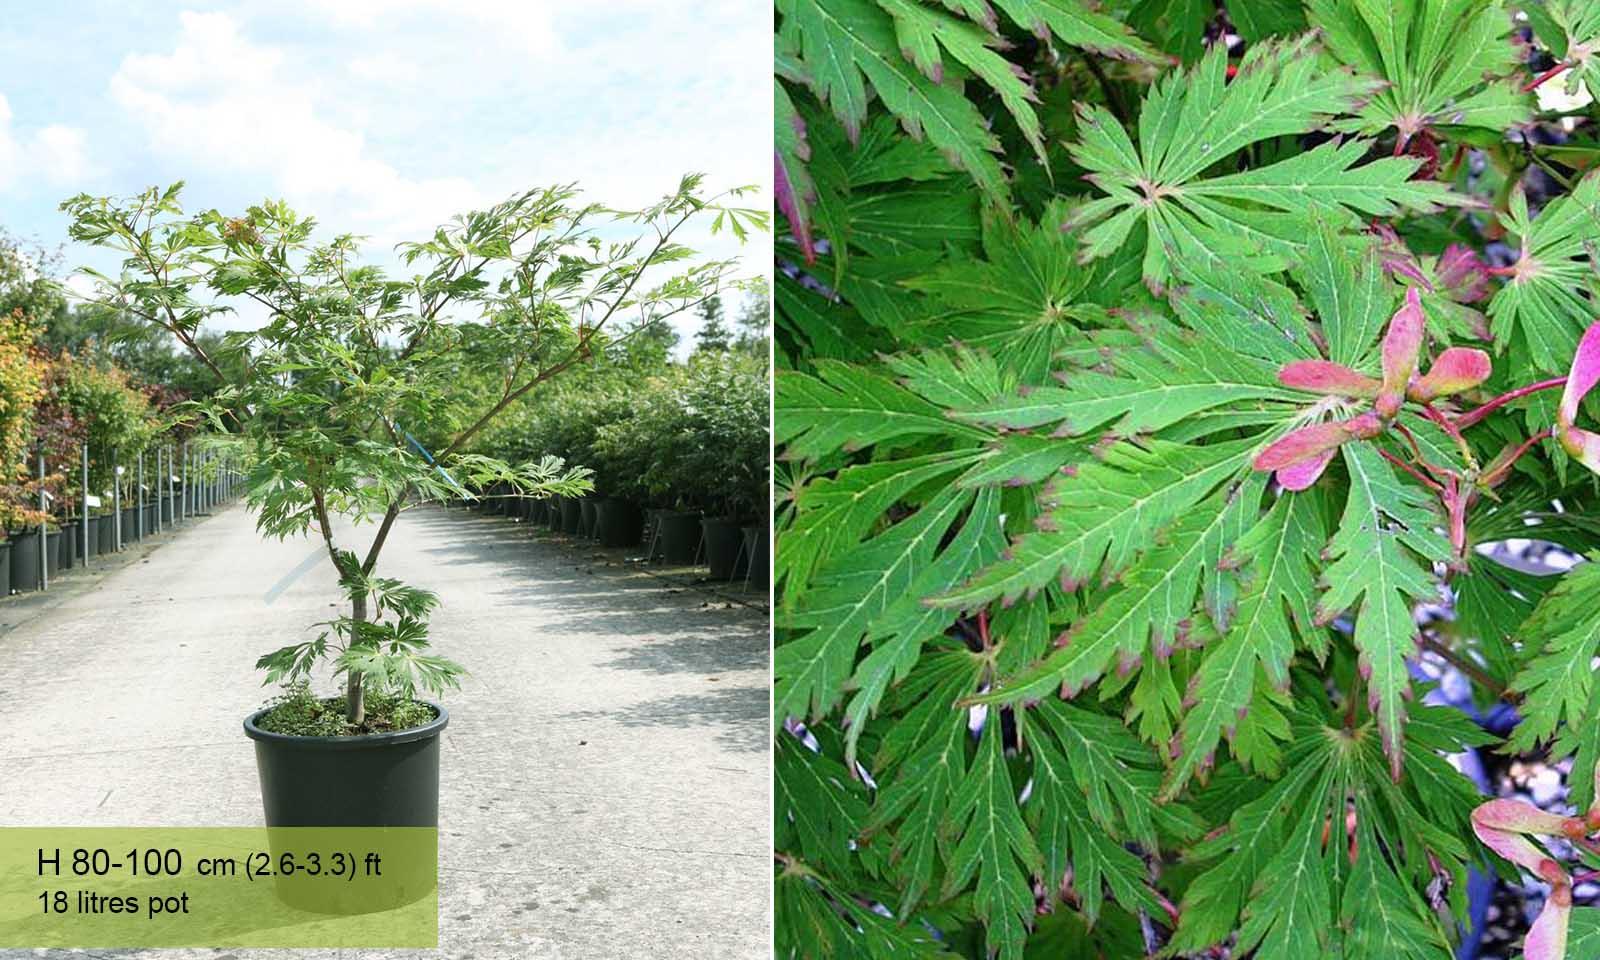 Acer Japonicum Aconitifolium - Shrub